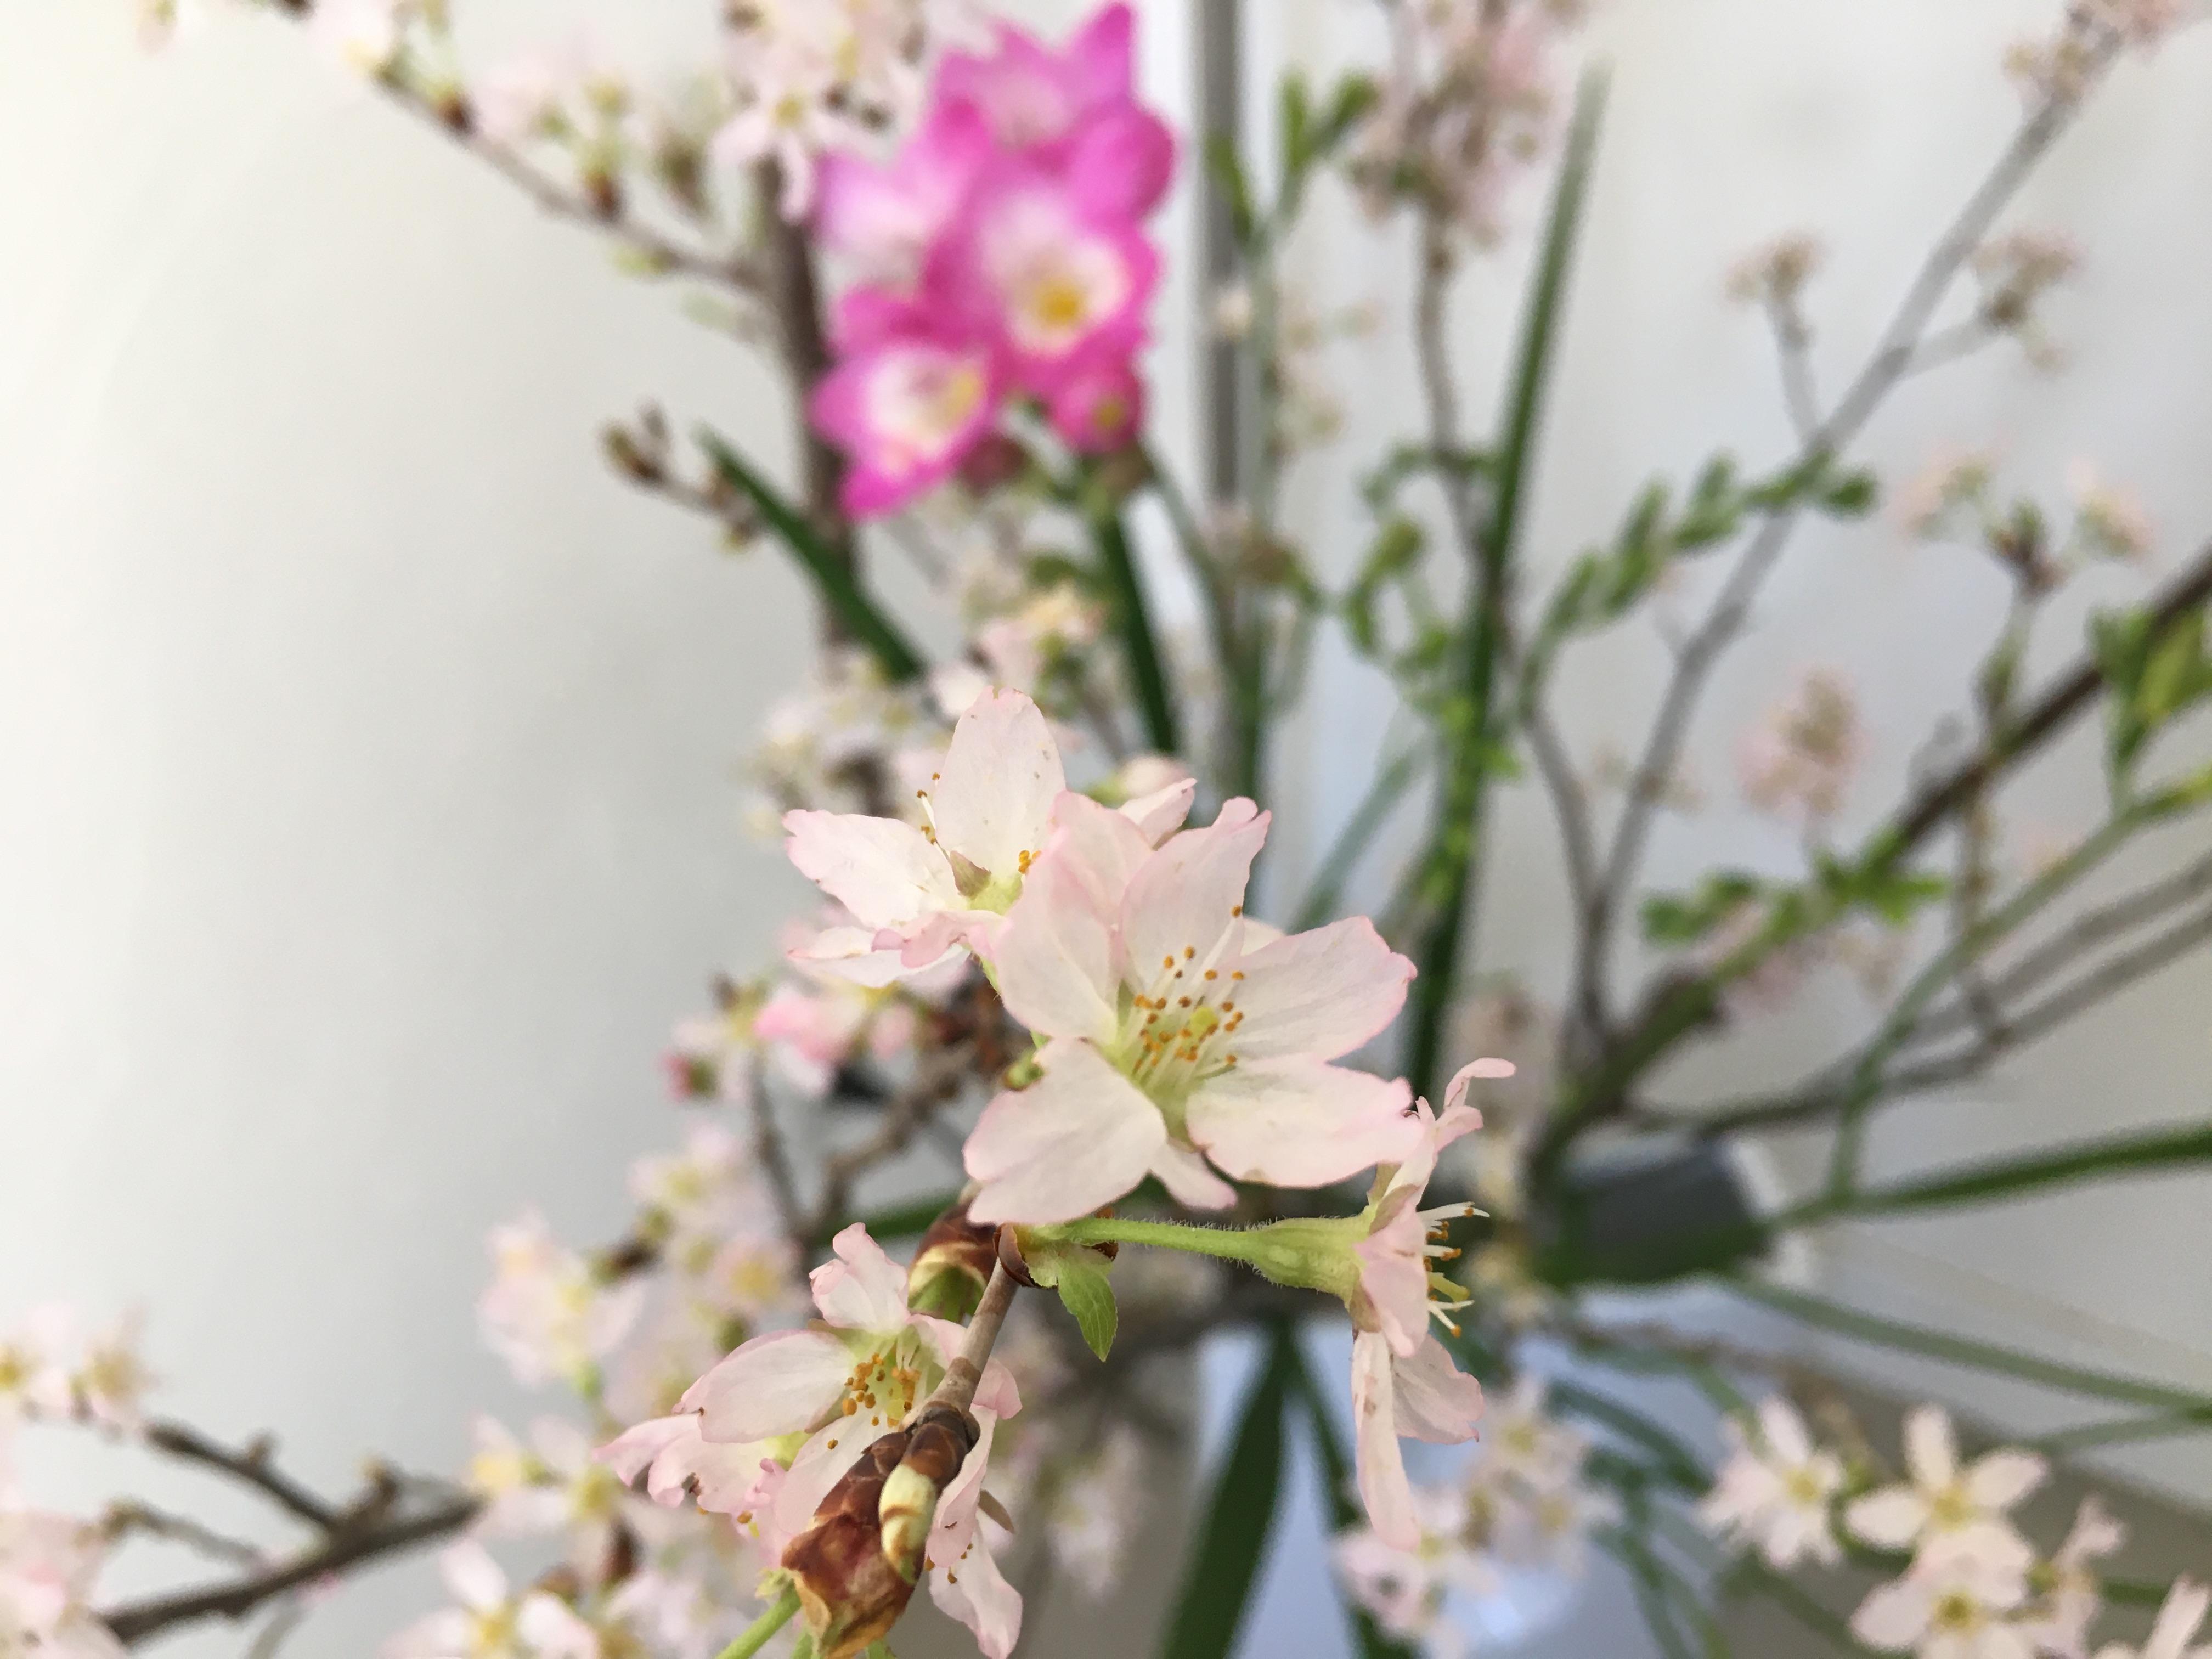 桜がここに咲いていました!